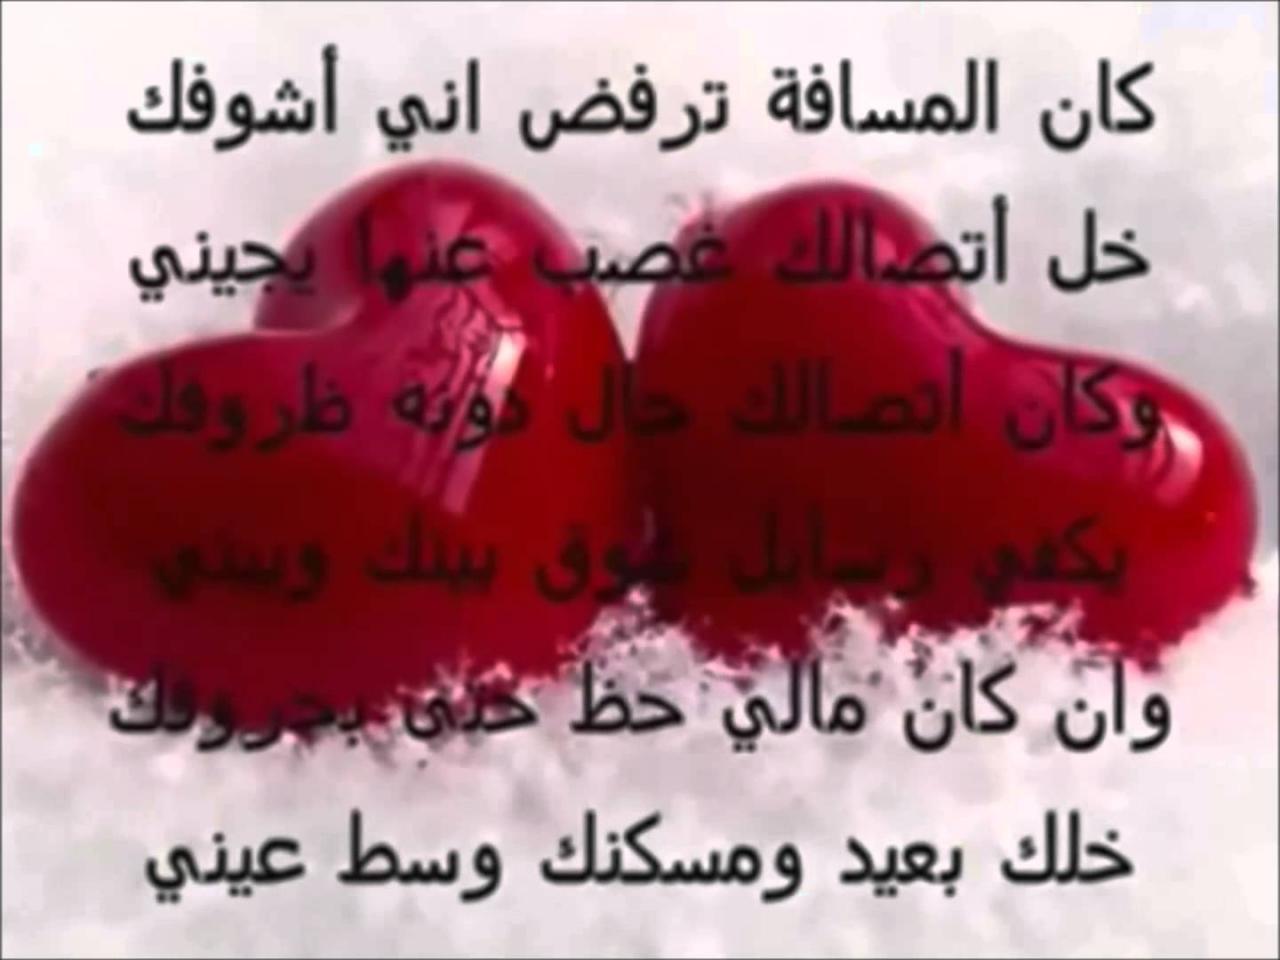 صورة احلى ما قيل عن الحب والعشق , كلمات رائعه للاحباب